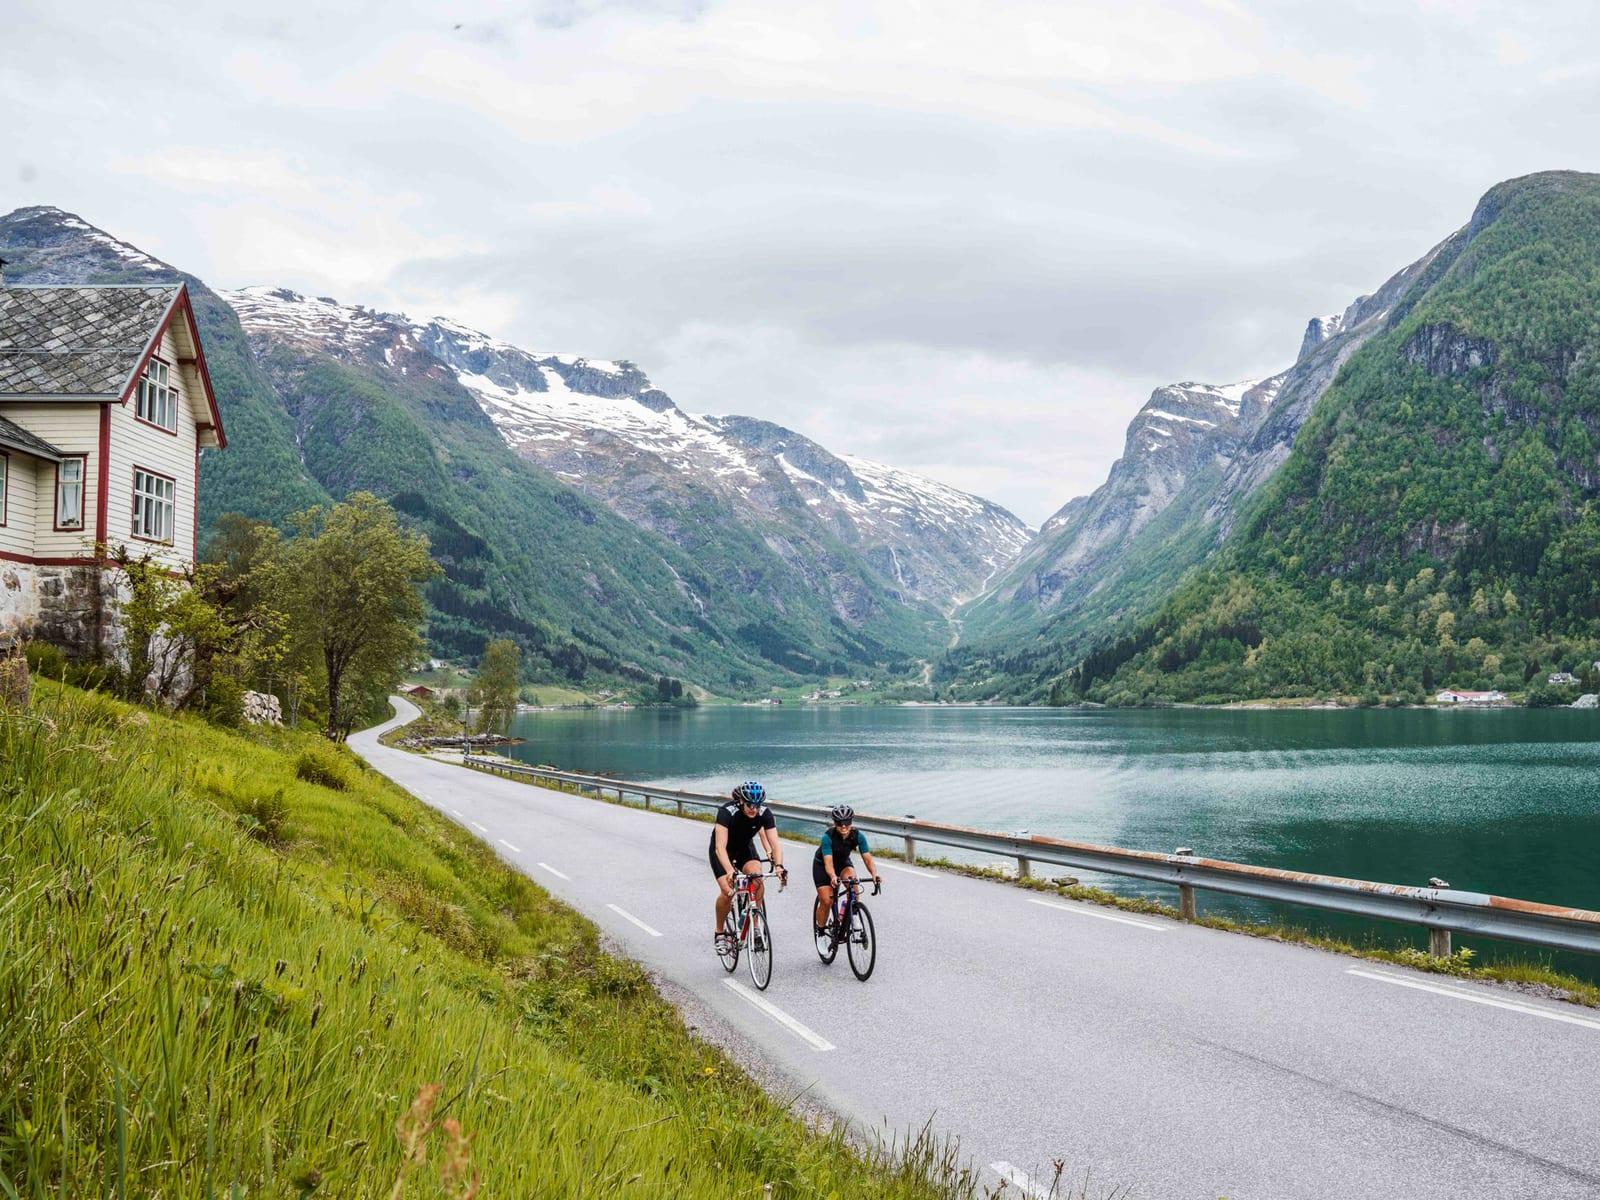 FJORDNÆRT: Naturen kommer tett på, og om du reiser litt utenom turistsesongen er det relativt lite trafikk. Bilde: Magnus Roaldset Furset